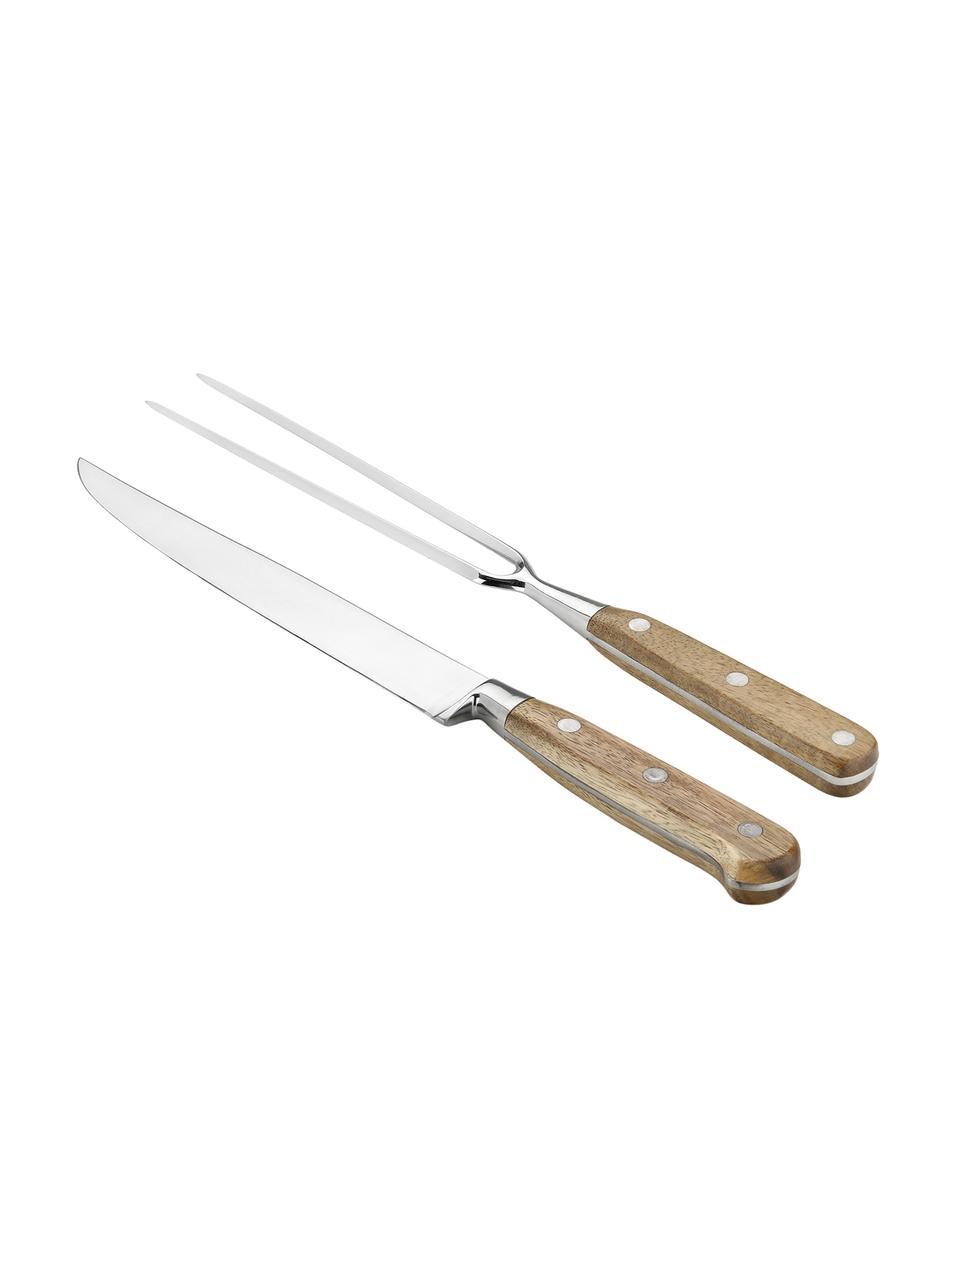 Accessoire de découpe argenté avec manche en bois Var, 2élém., Bois d'acacia, acier inoxydable